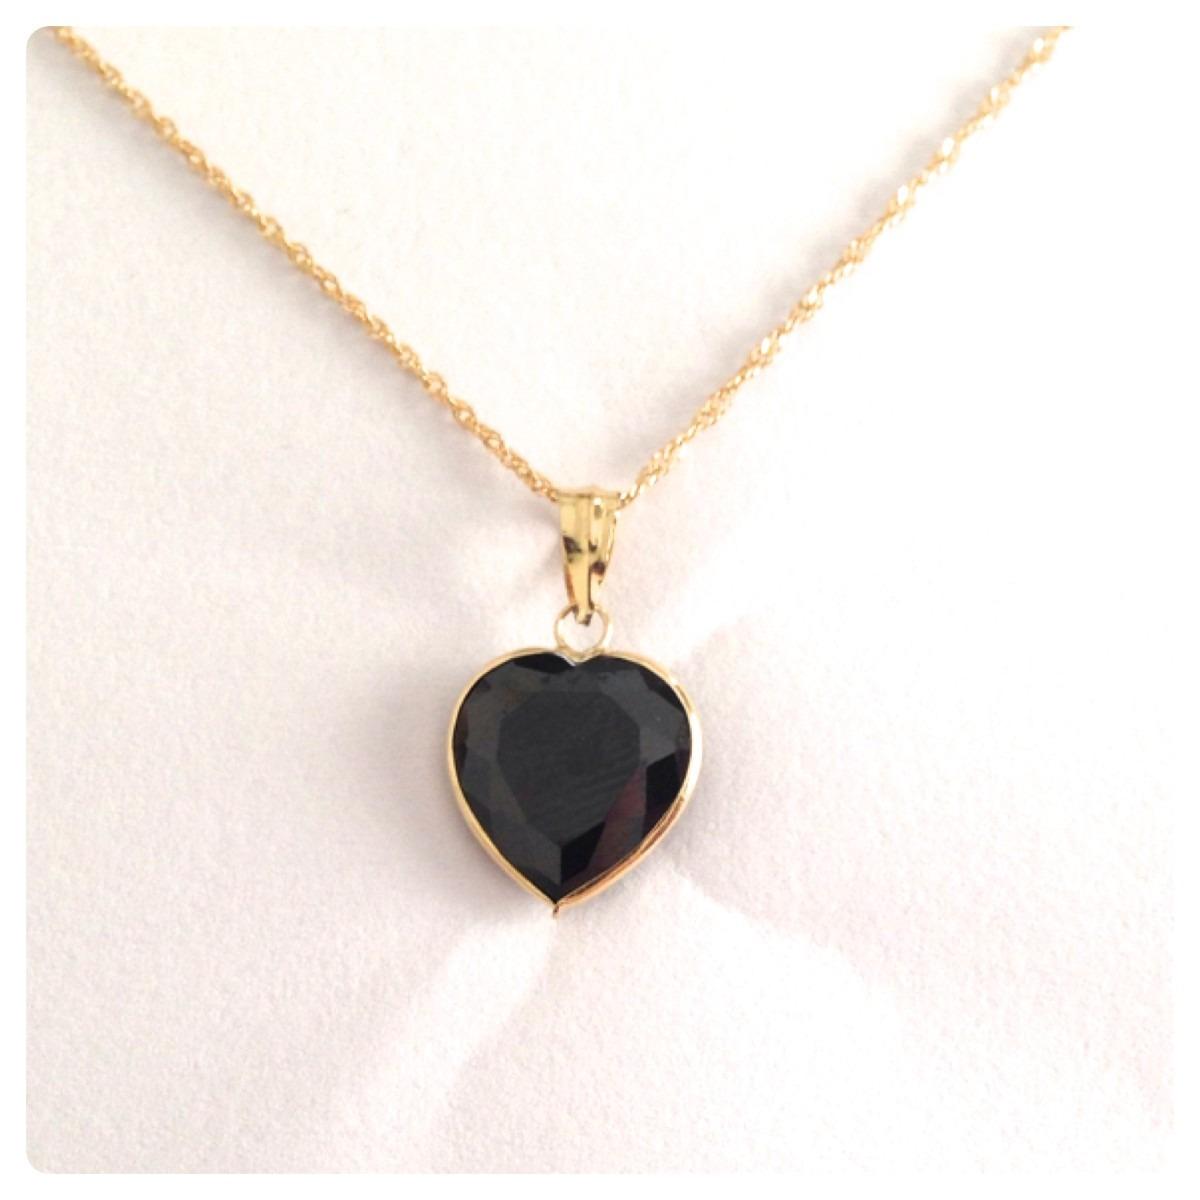 2a0e20cebd333 pingente coração ônix 10 mm joia linda ouro 18k certificado. Carregando  zoom.